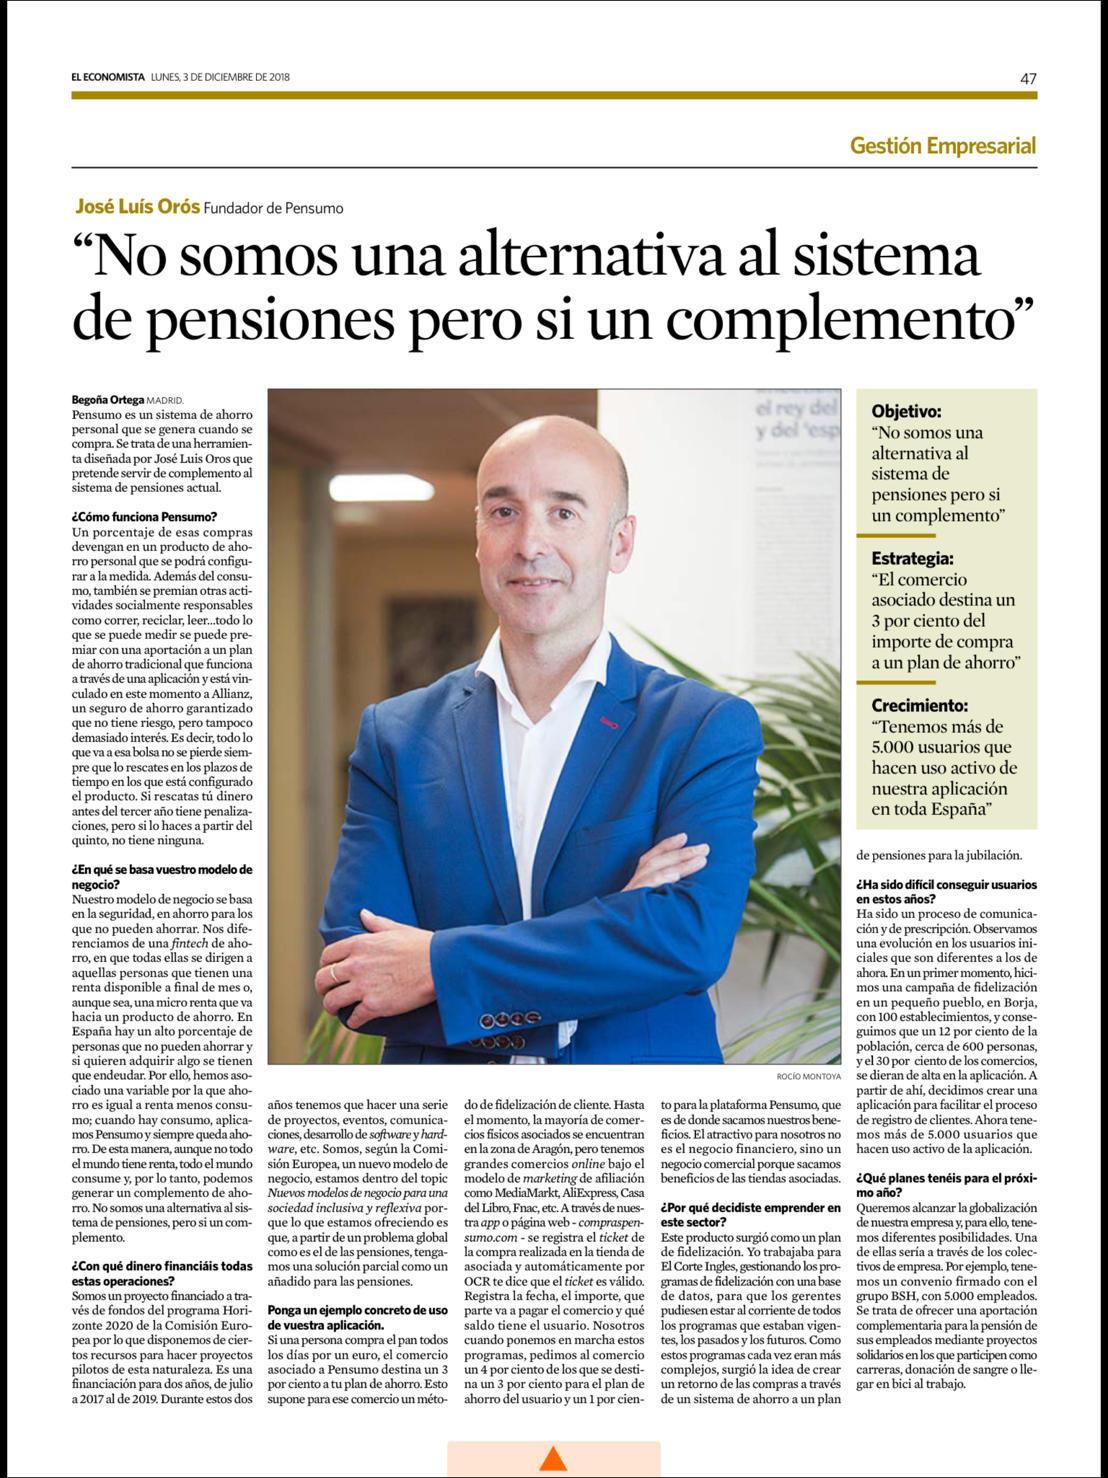 """José Luis Orós, CEO de Pensumo, entrevistado en 'El Economista': """"No somos una alternativa al sistema de pensiones pero si un complemento"""""""